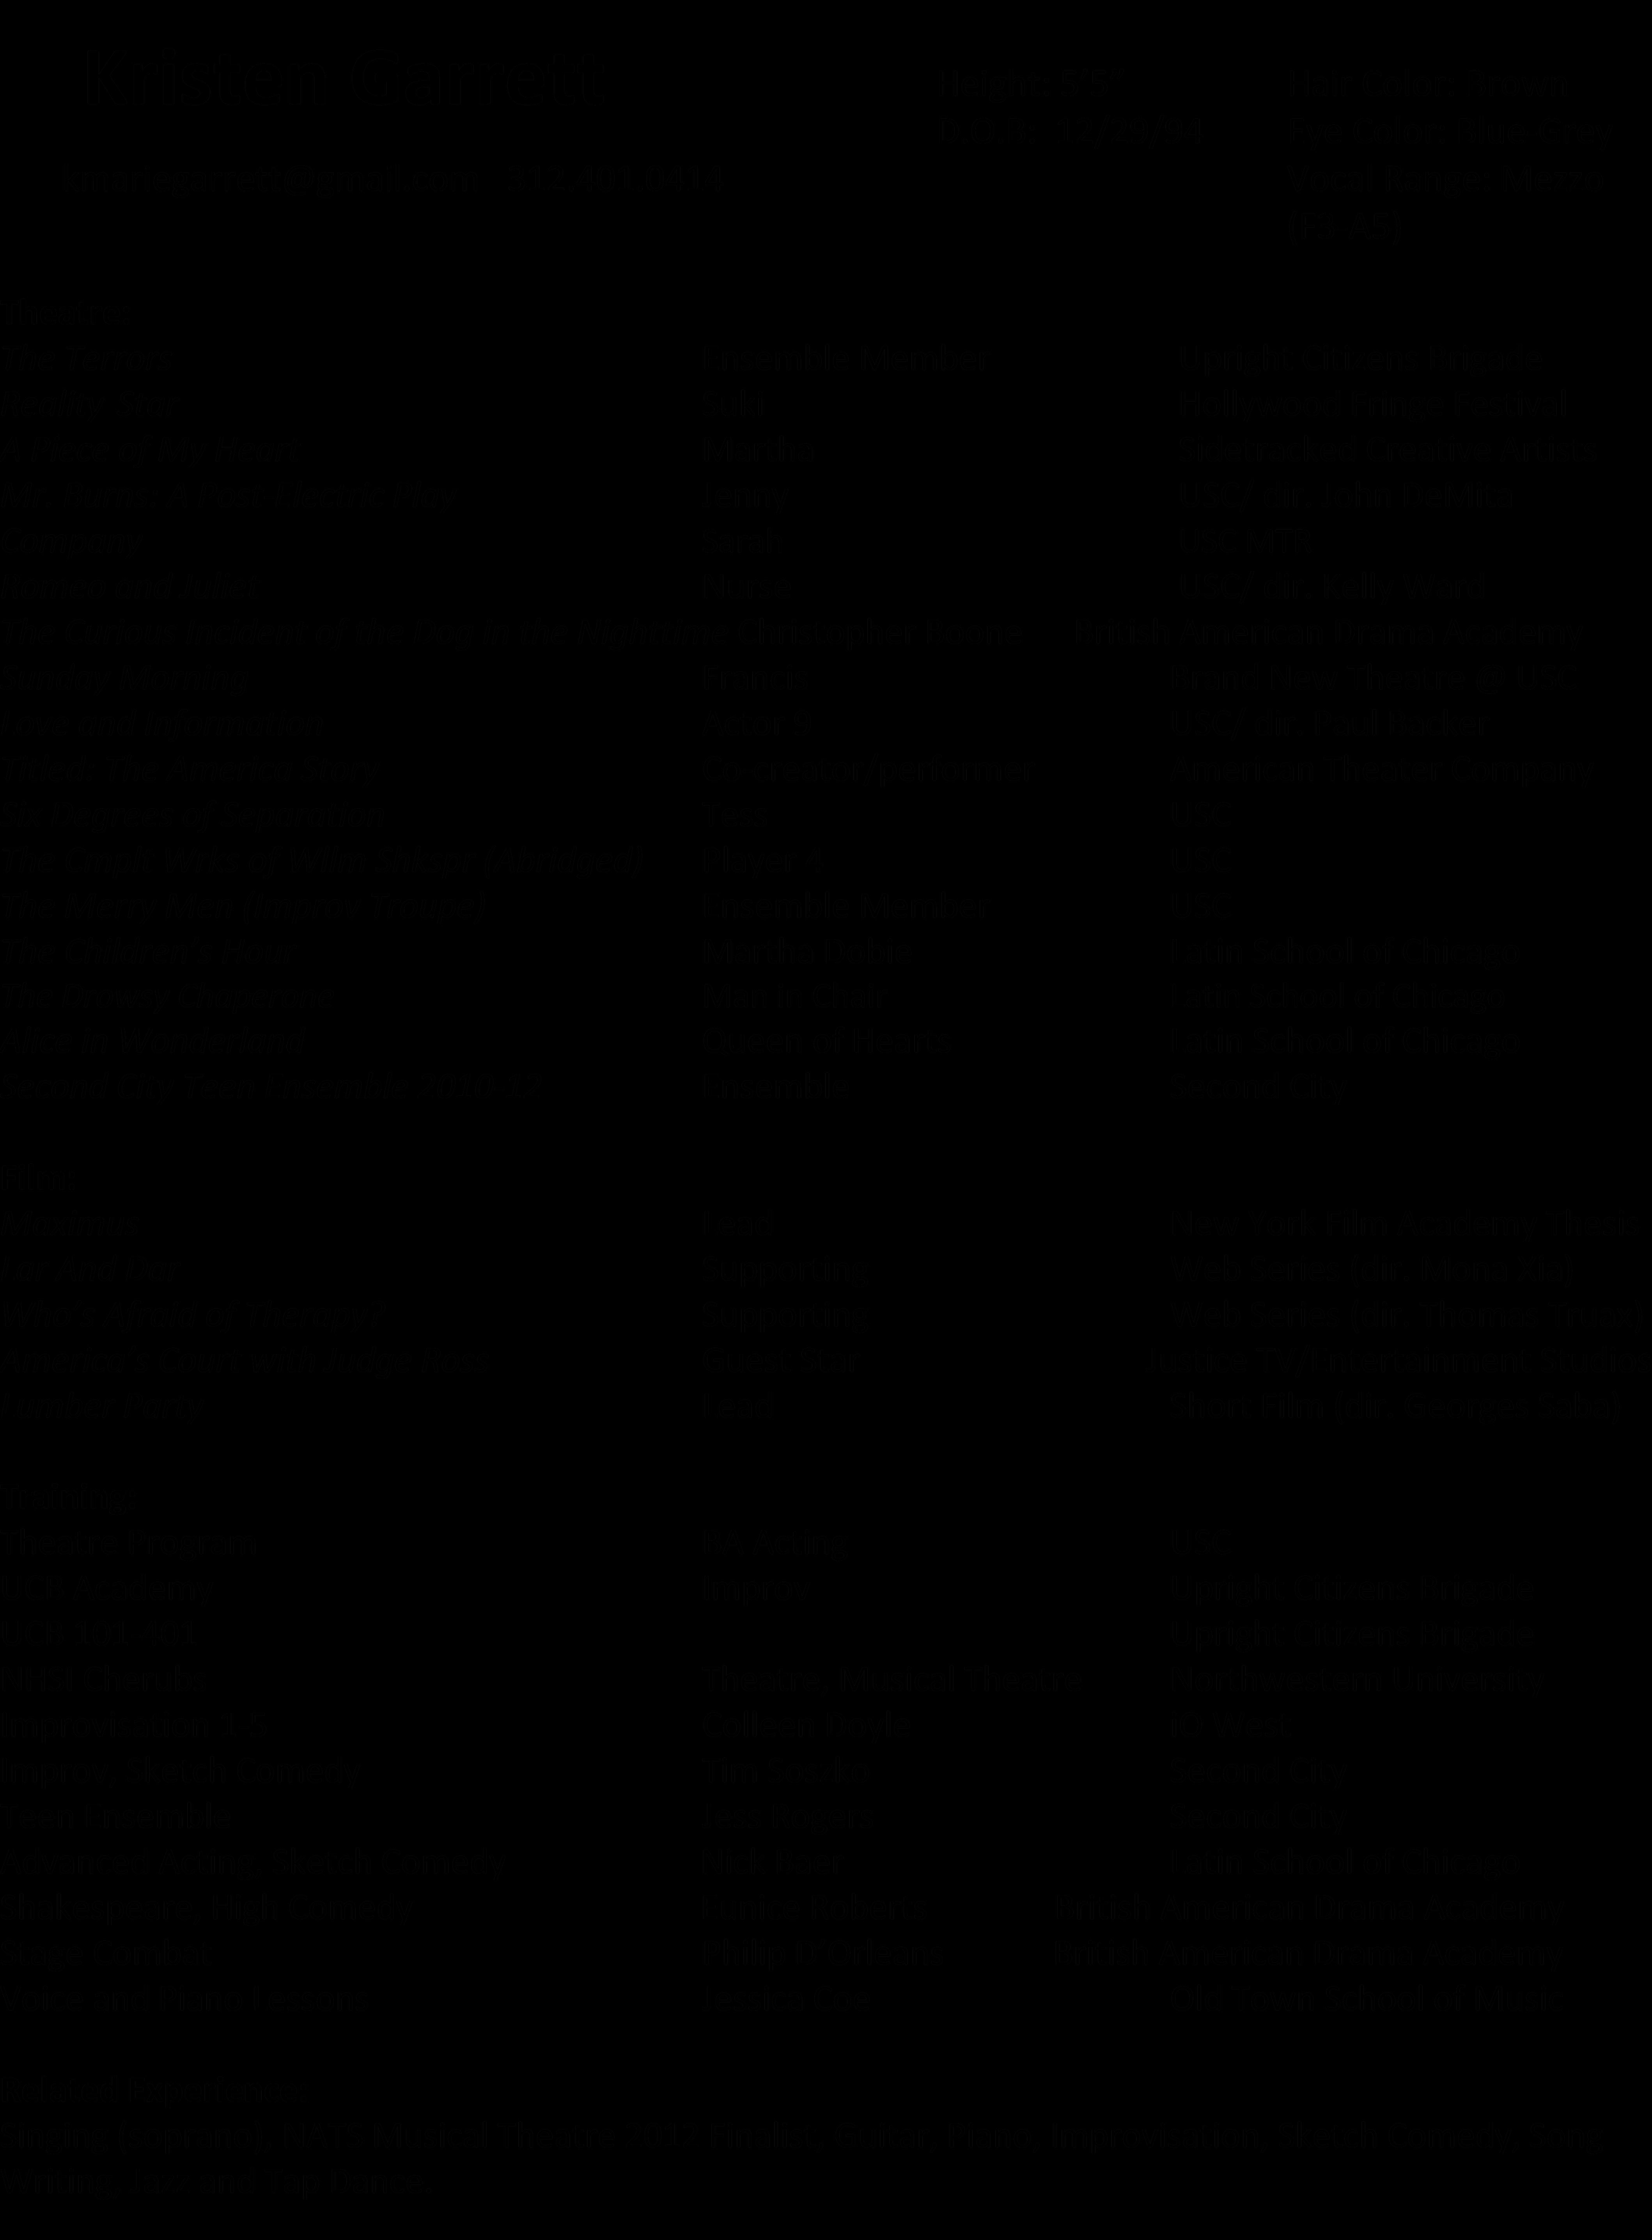 Resume — Kristen Garrett